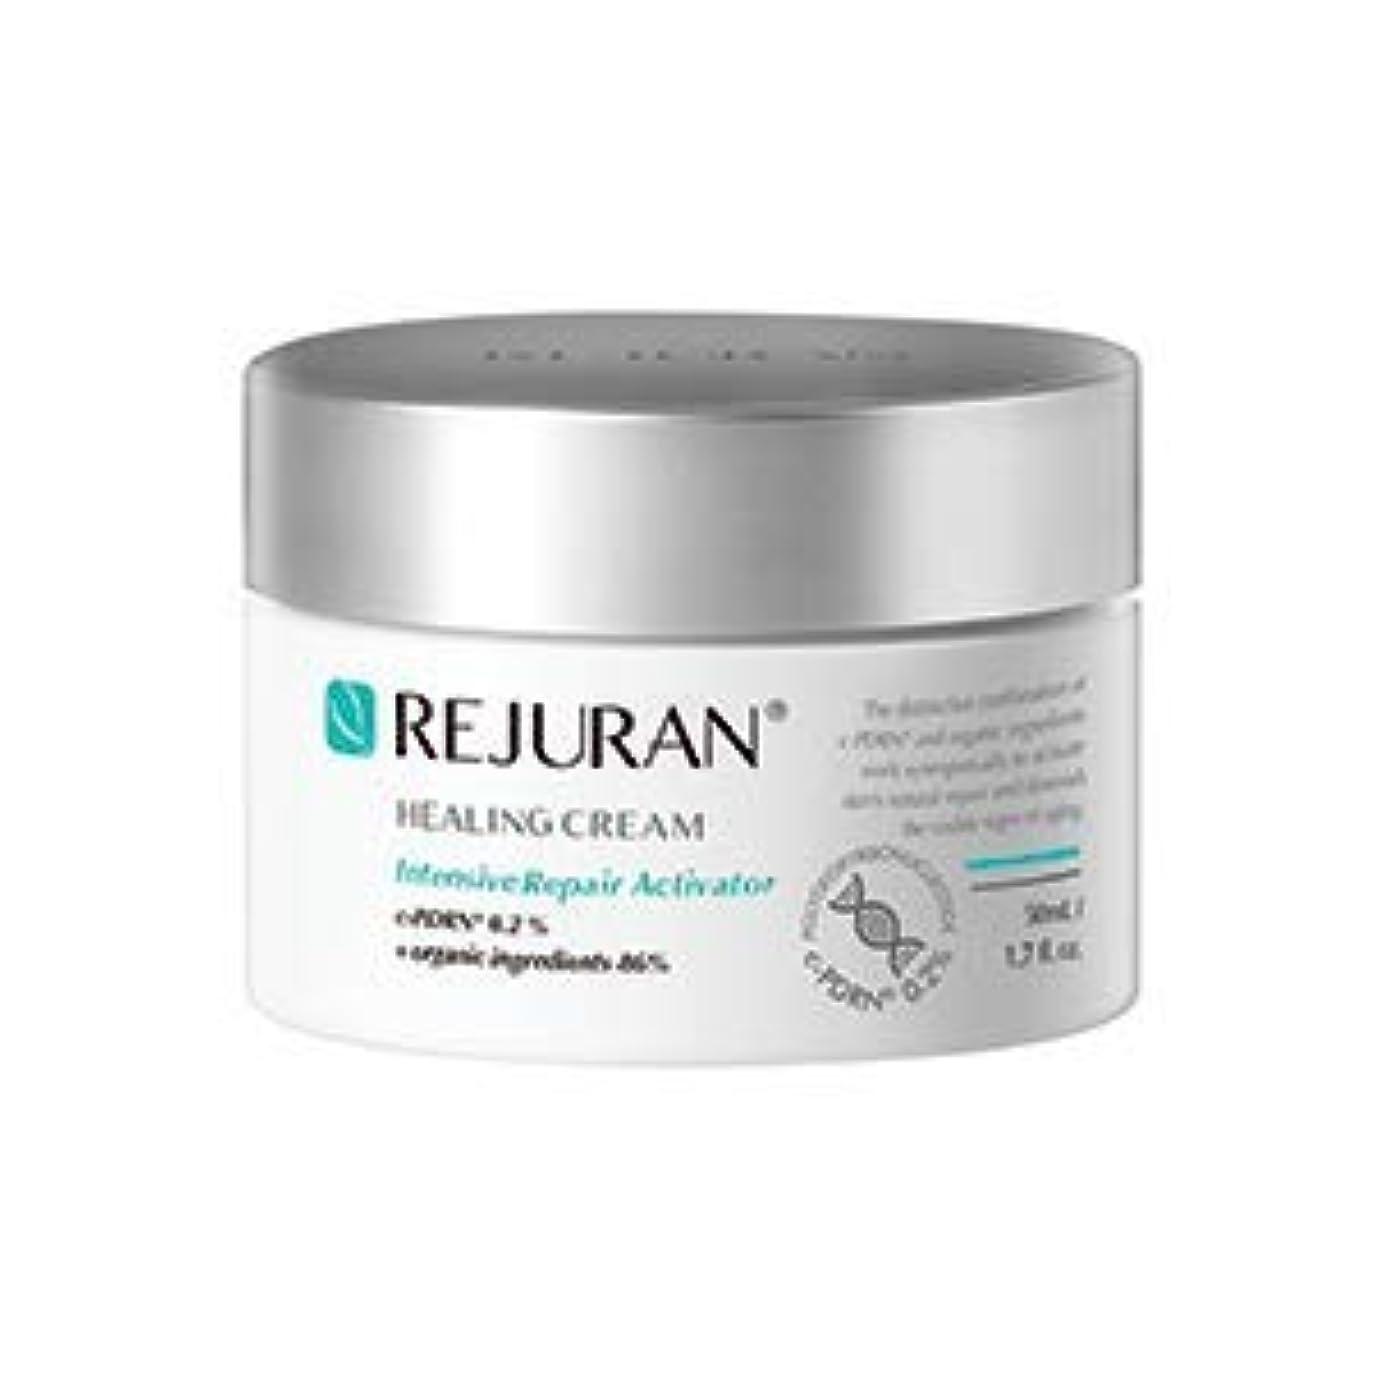 傾向があります現実自分の[ 皮膚科最高級ブランド ] リジュラン ヒーリング クリーム 50ml.(シワ改善機能性)REJURAN Healin Cream 50ml. X Healing Mask 2p